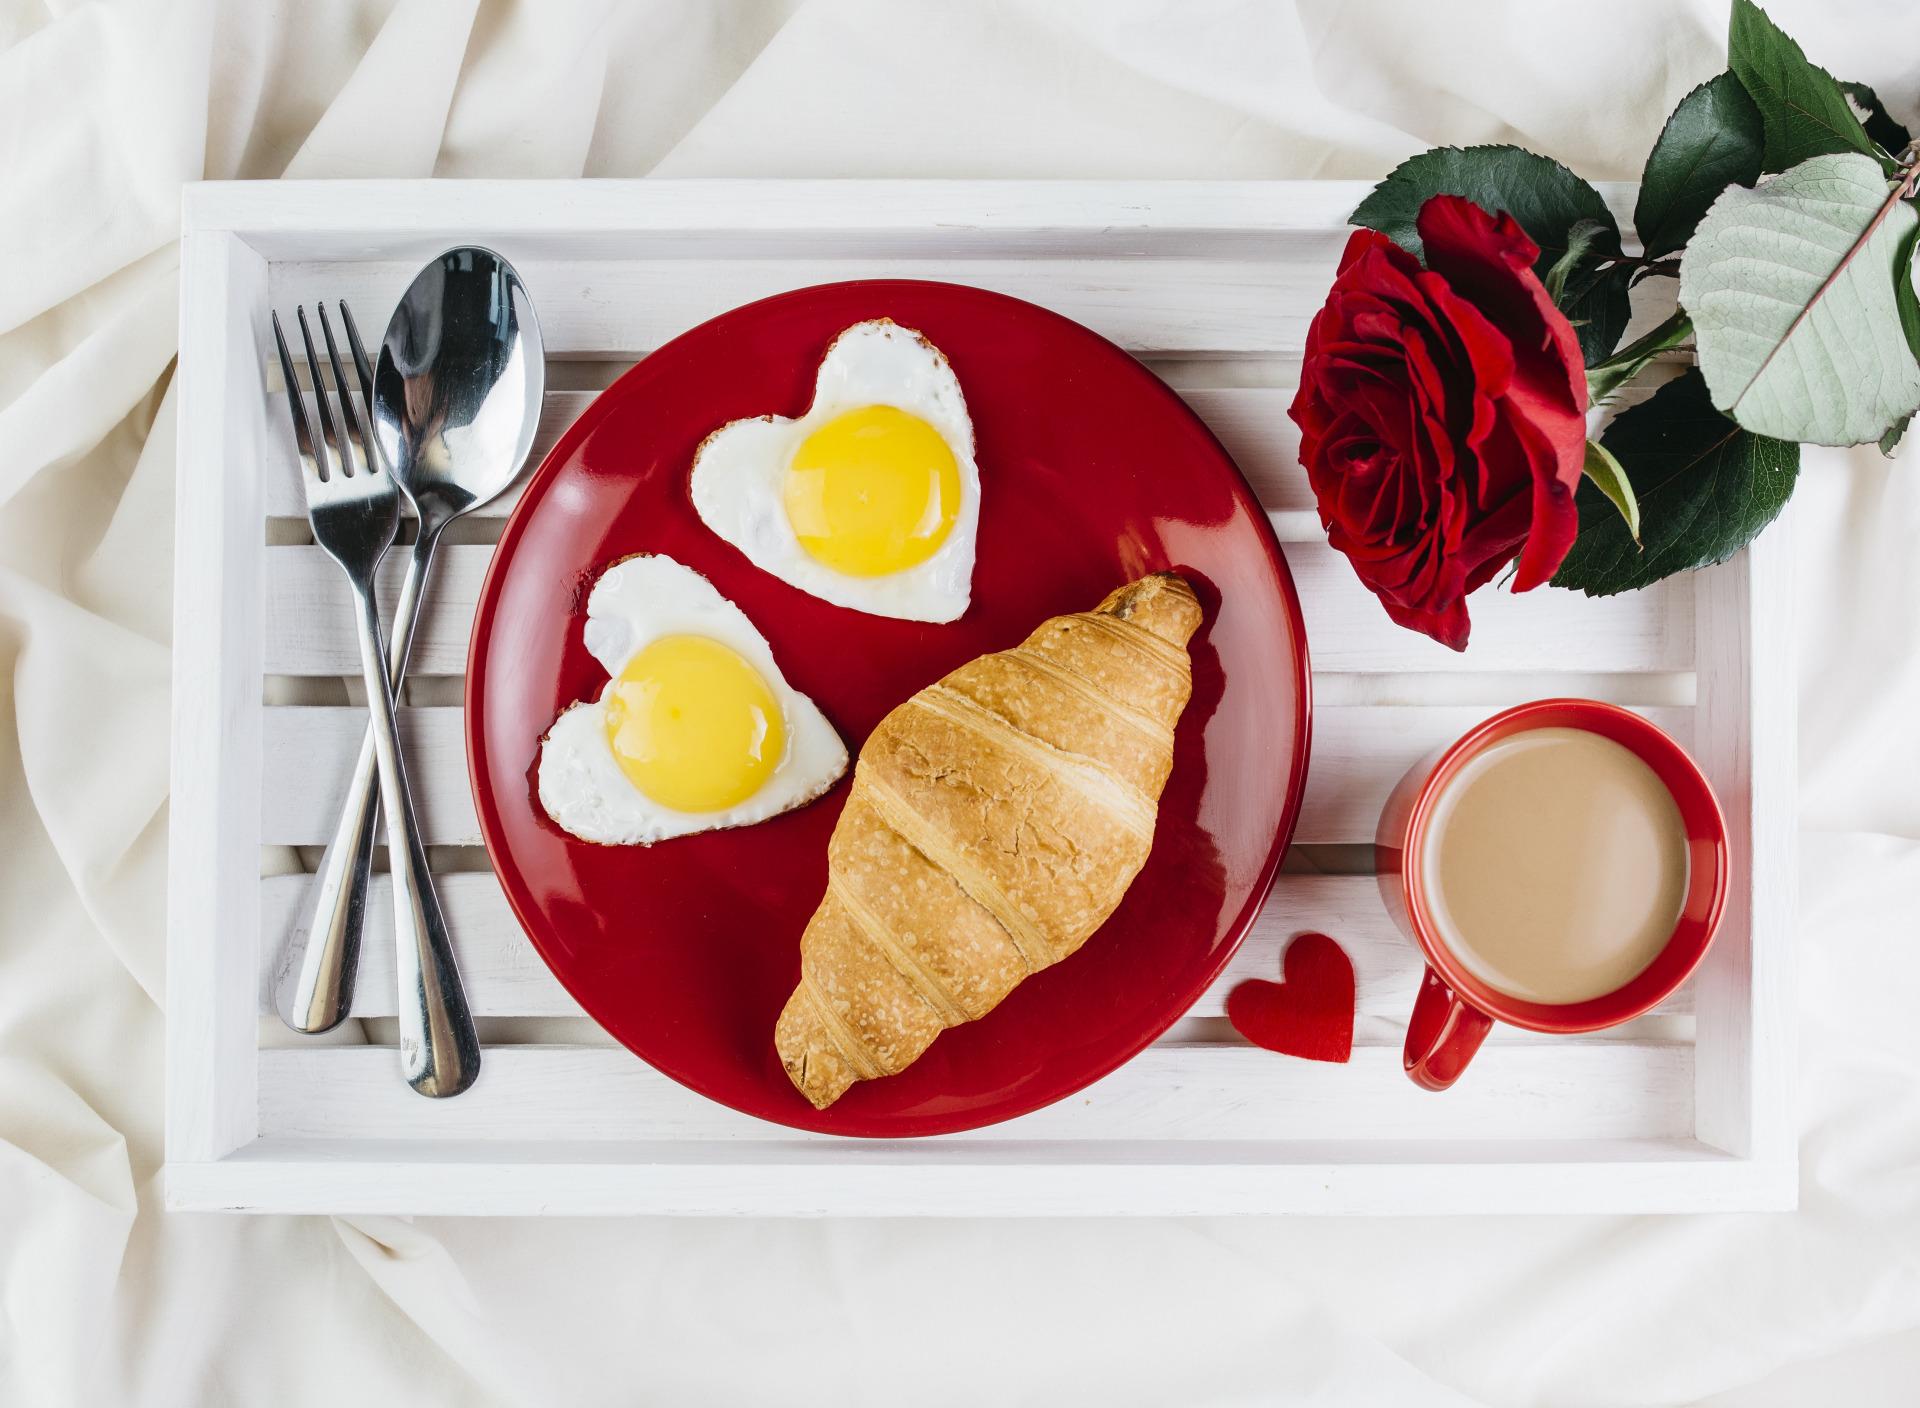 данной подборке кофе на завтрак для любимого картинки идея